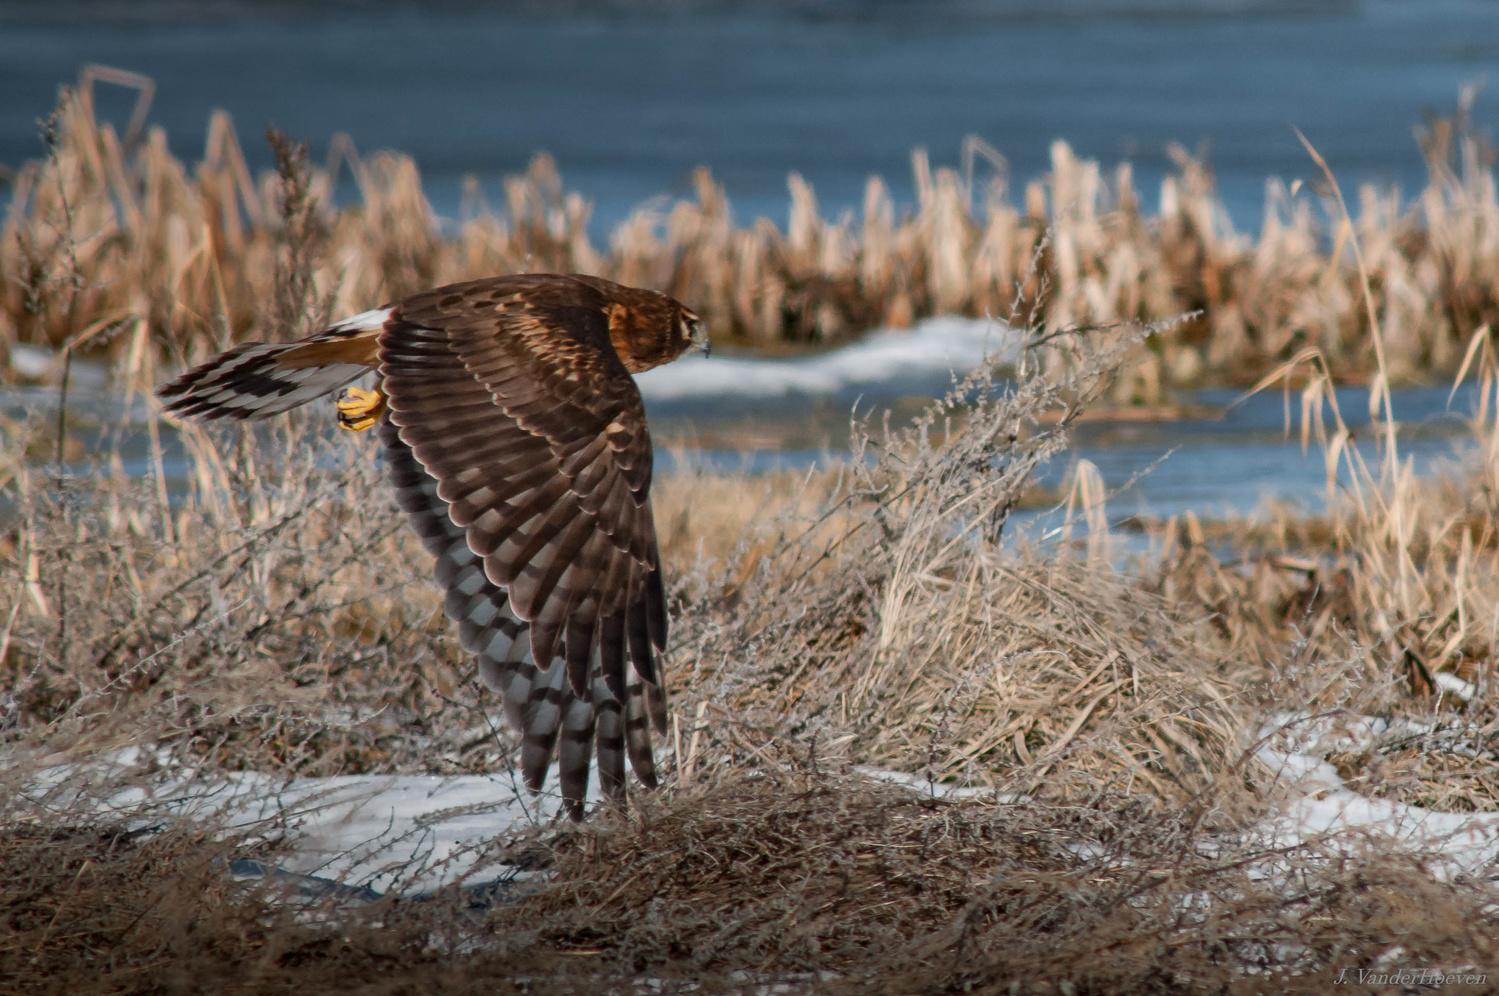 Scanning the Marshlands by Jake VanderHoeven